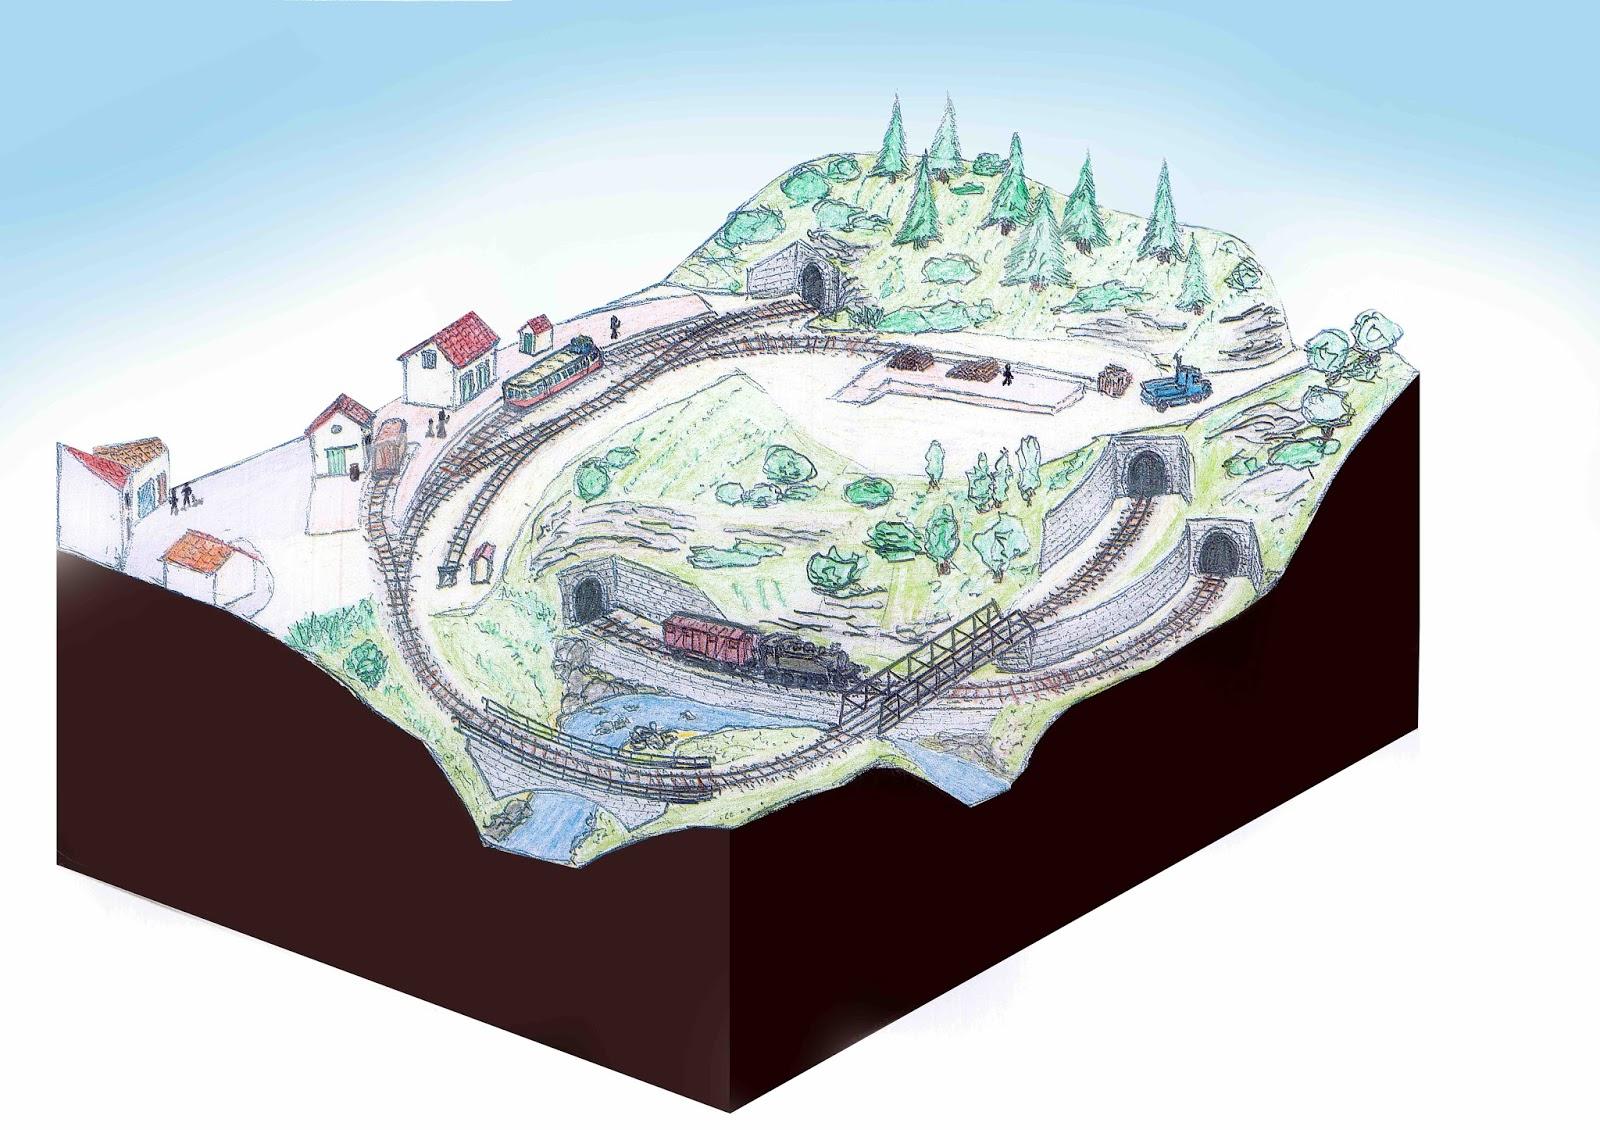 Loco revue projet de r seau de lr 825 les plans for Projet de plan